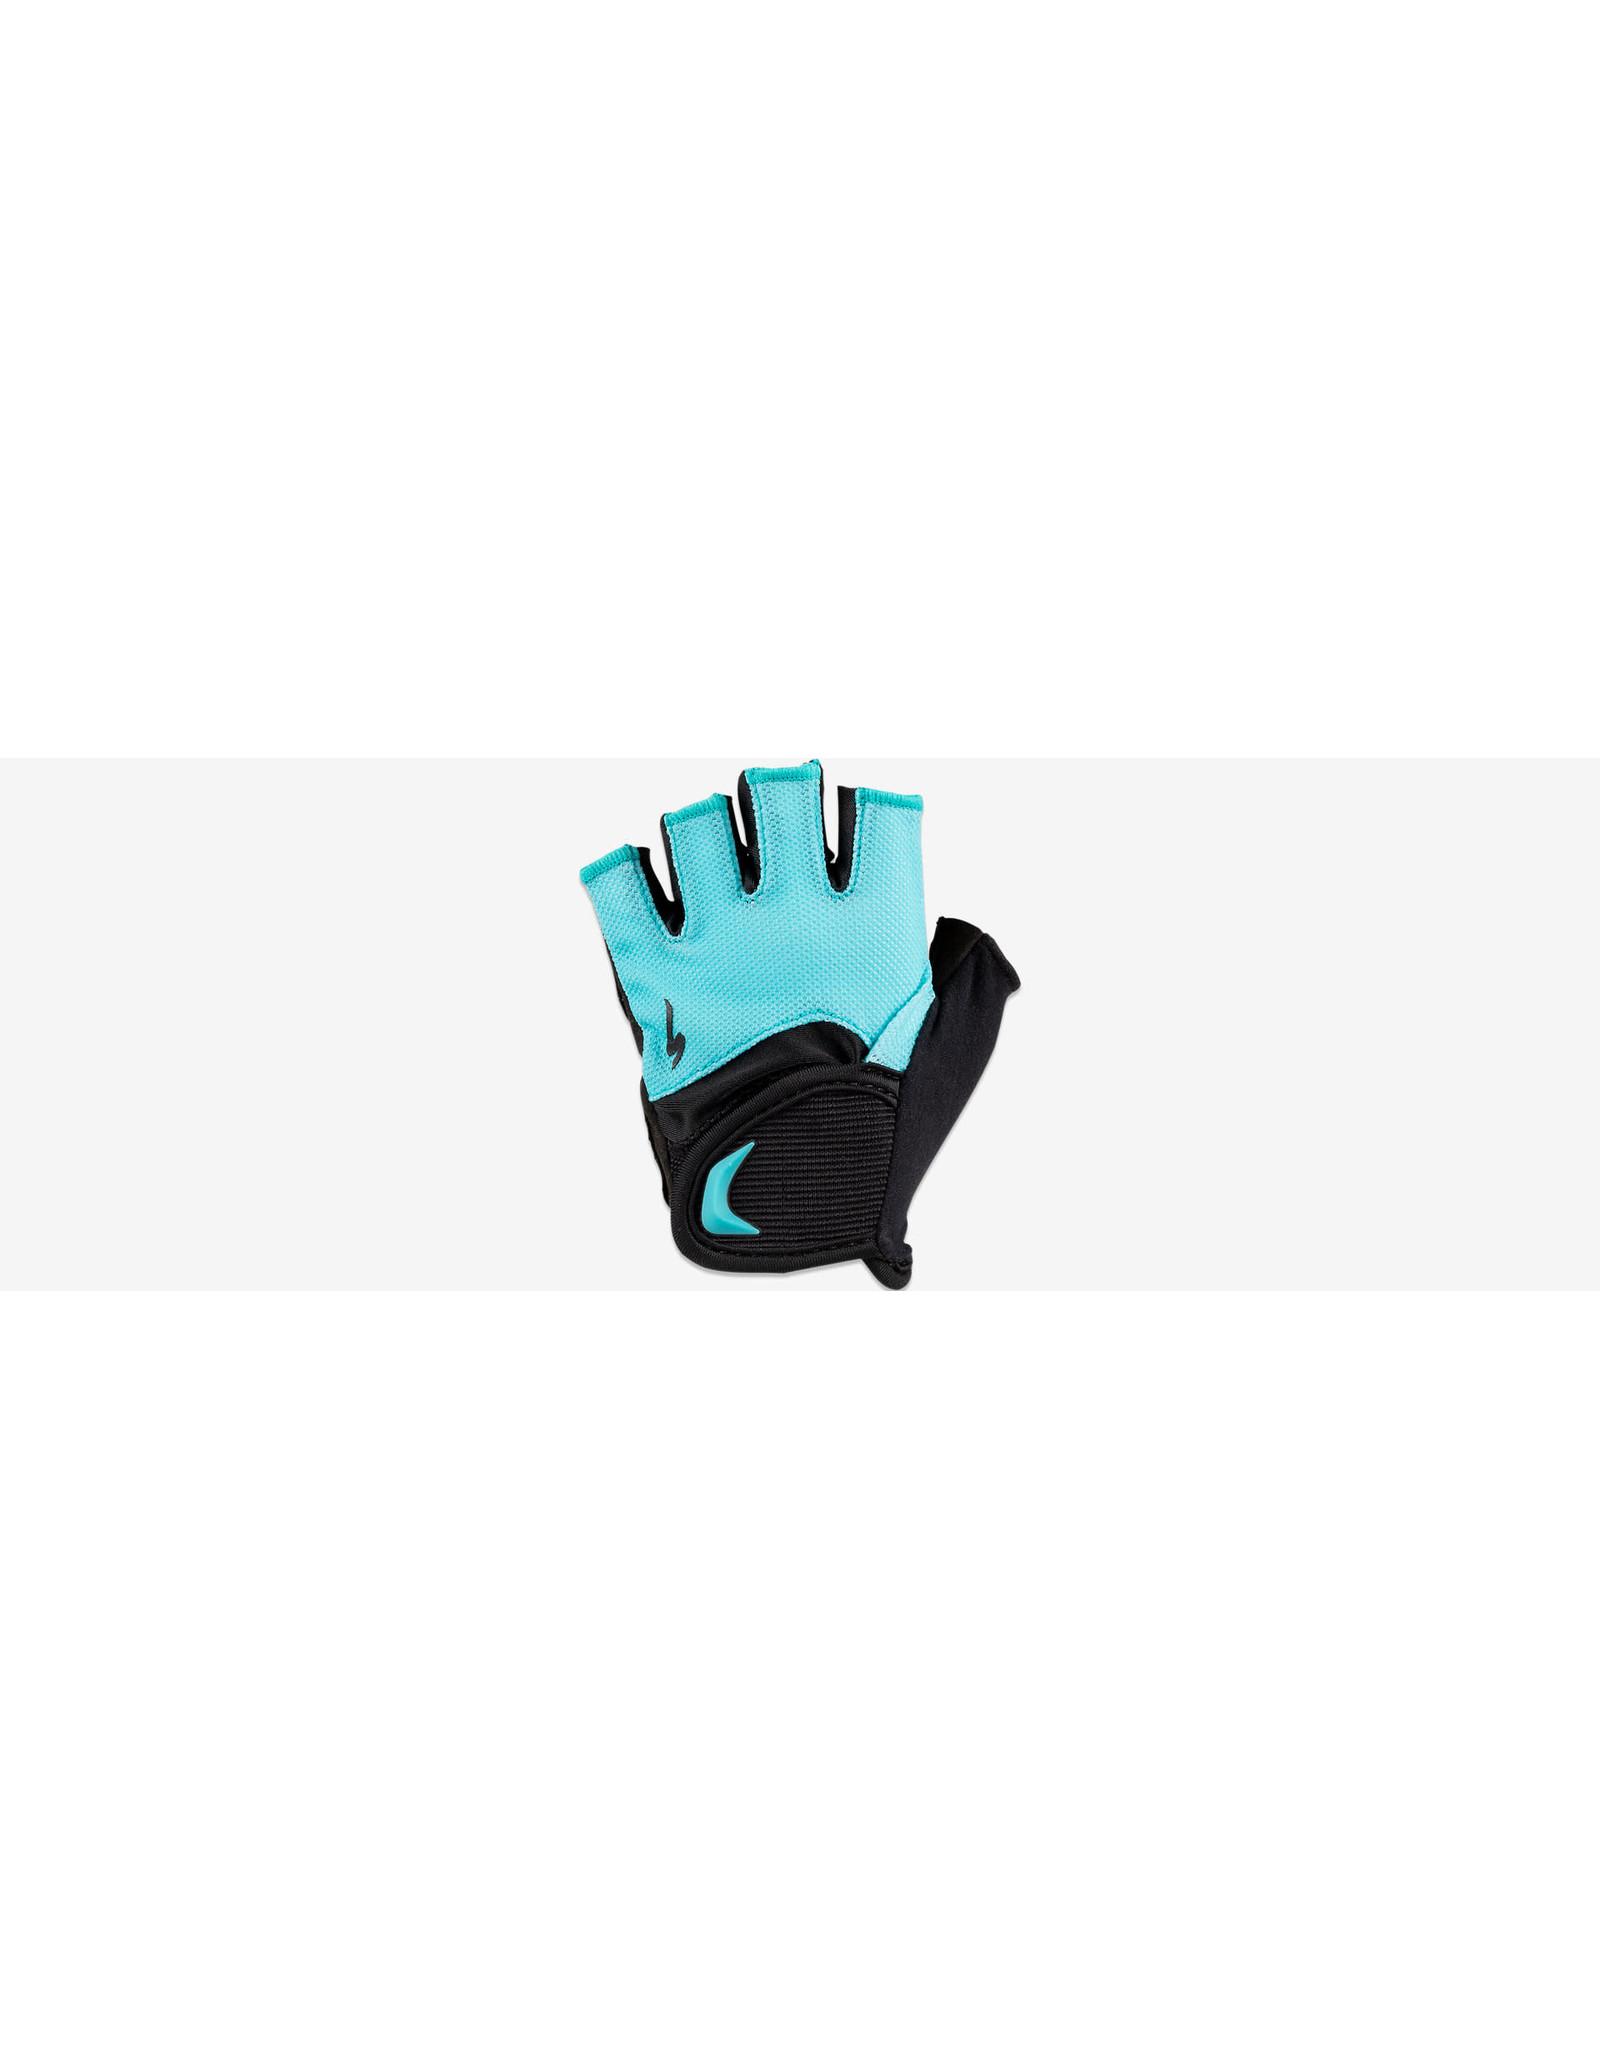 Specialized Glove Spec BG Kids Aqa Small